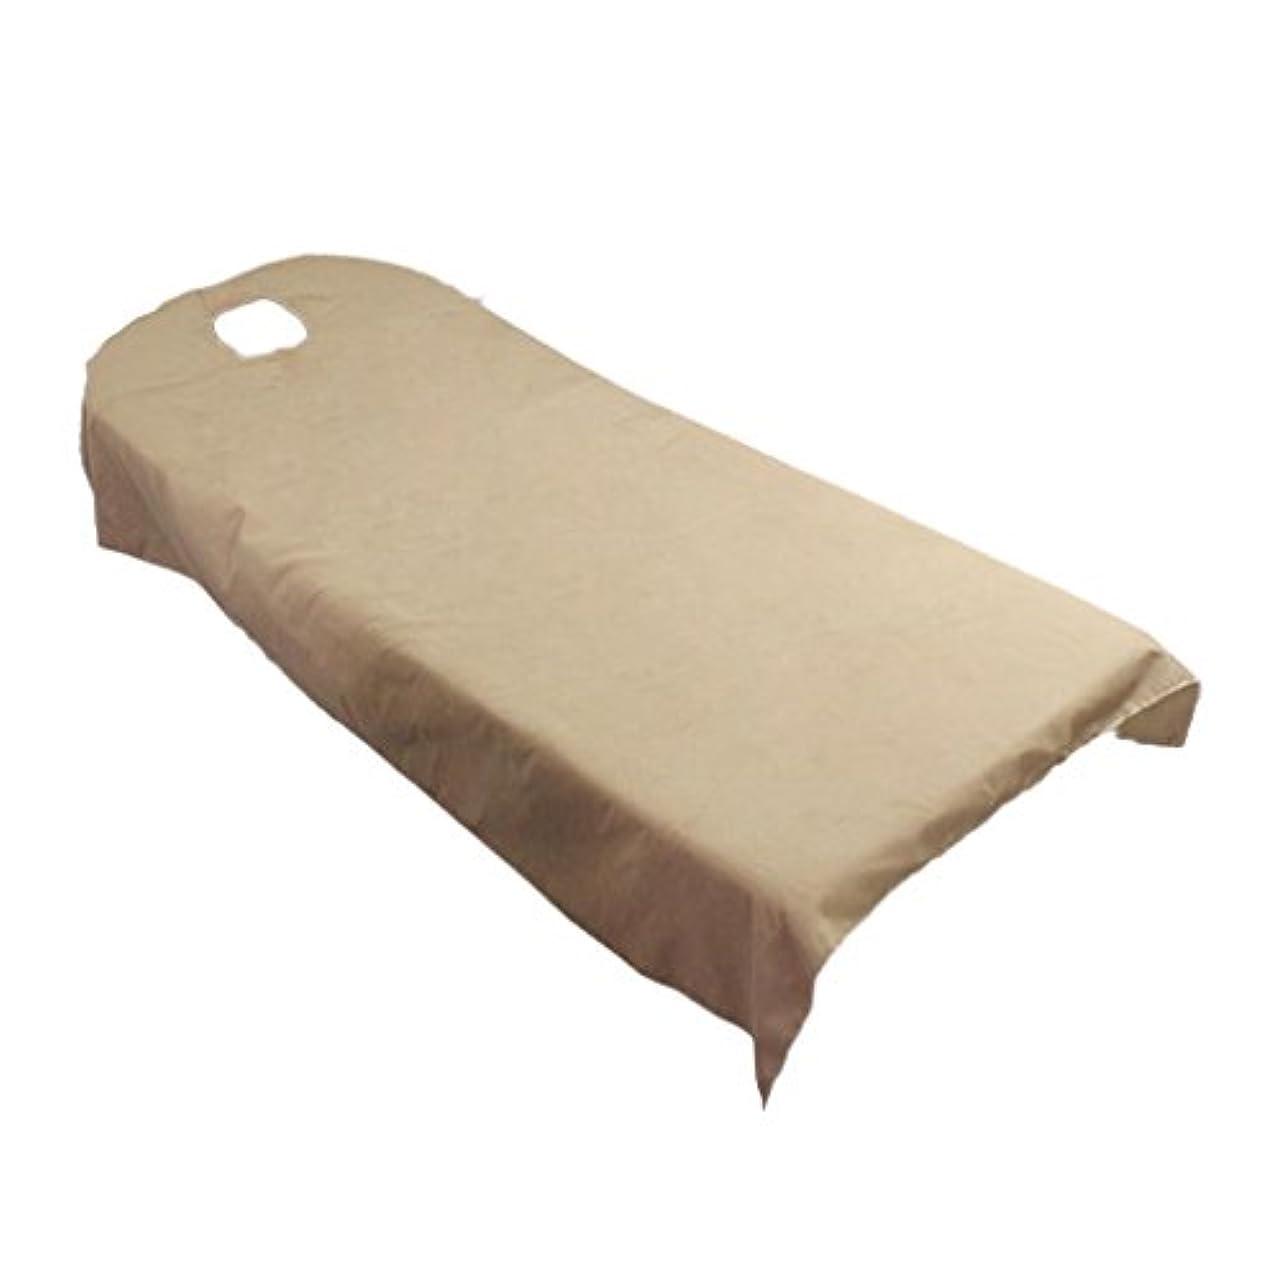 浅い忘れる楕円形Baosity タオル地 ベッドカバー ソファーカバー シート 面部の位置 ホール付き 美容/マッサージ/SPA 用 9色選べる - キャメル